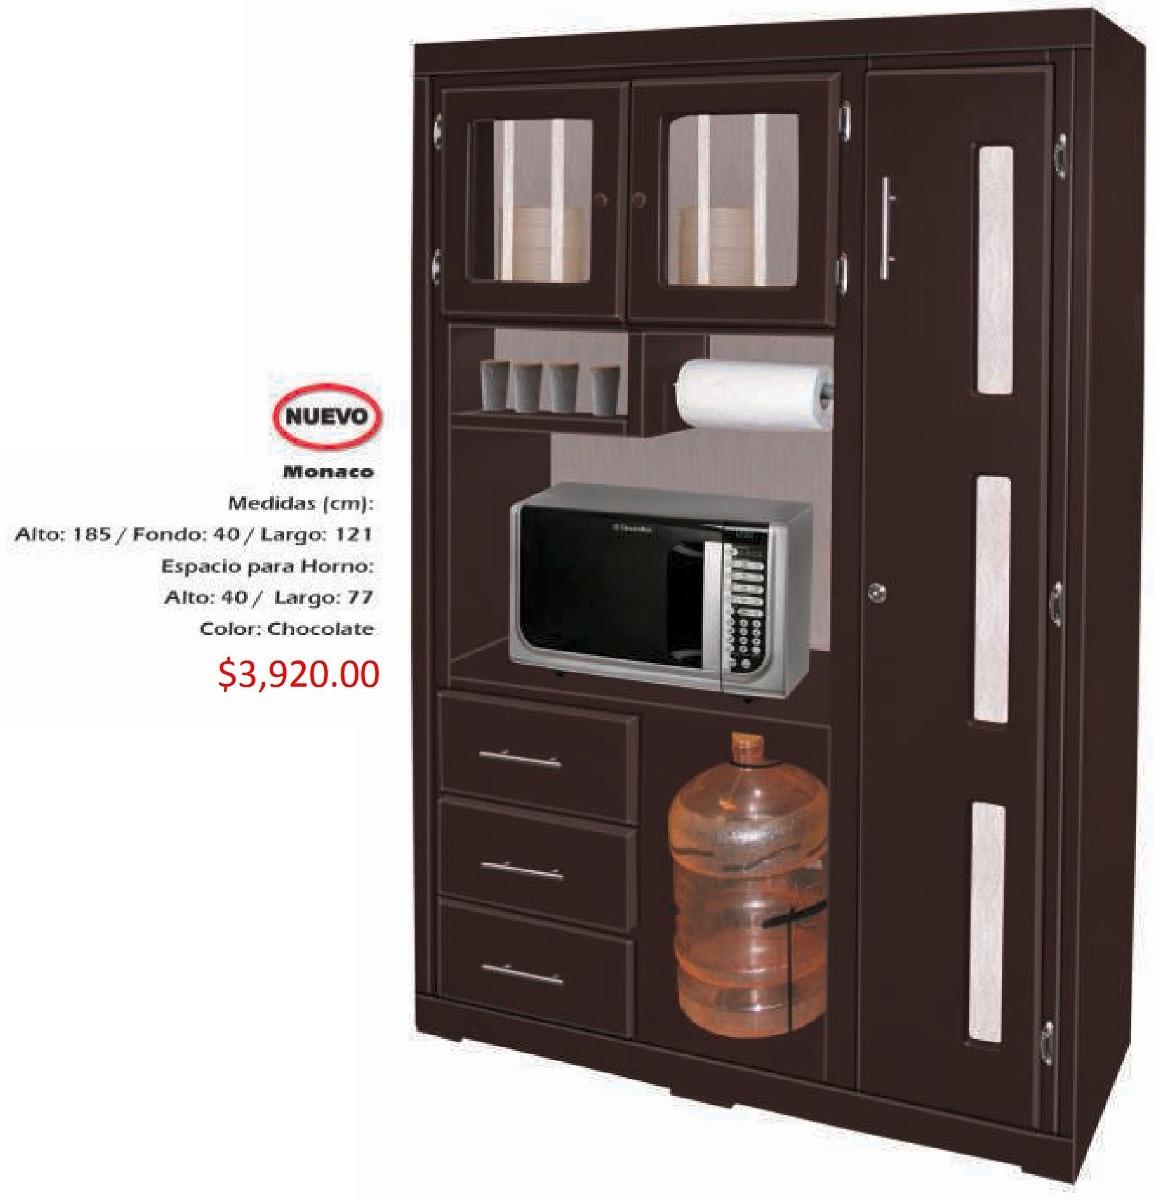 Mueble para cocina modelo monaco 3 en mercado libre for Muebles de cocina para montar